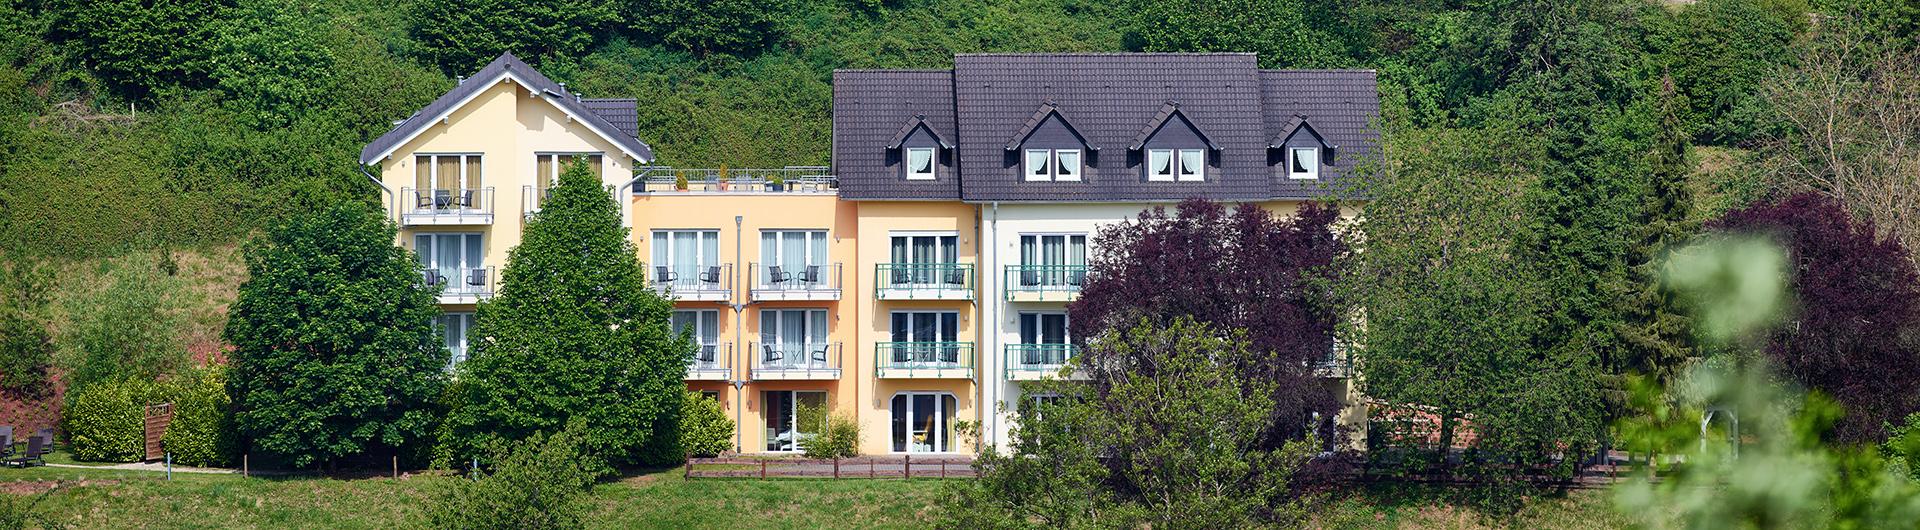 Header-Landhaus Außenansicht